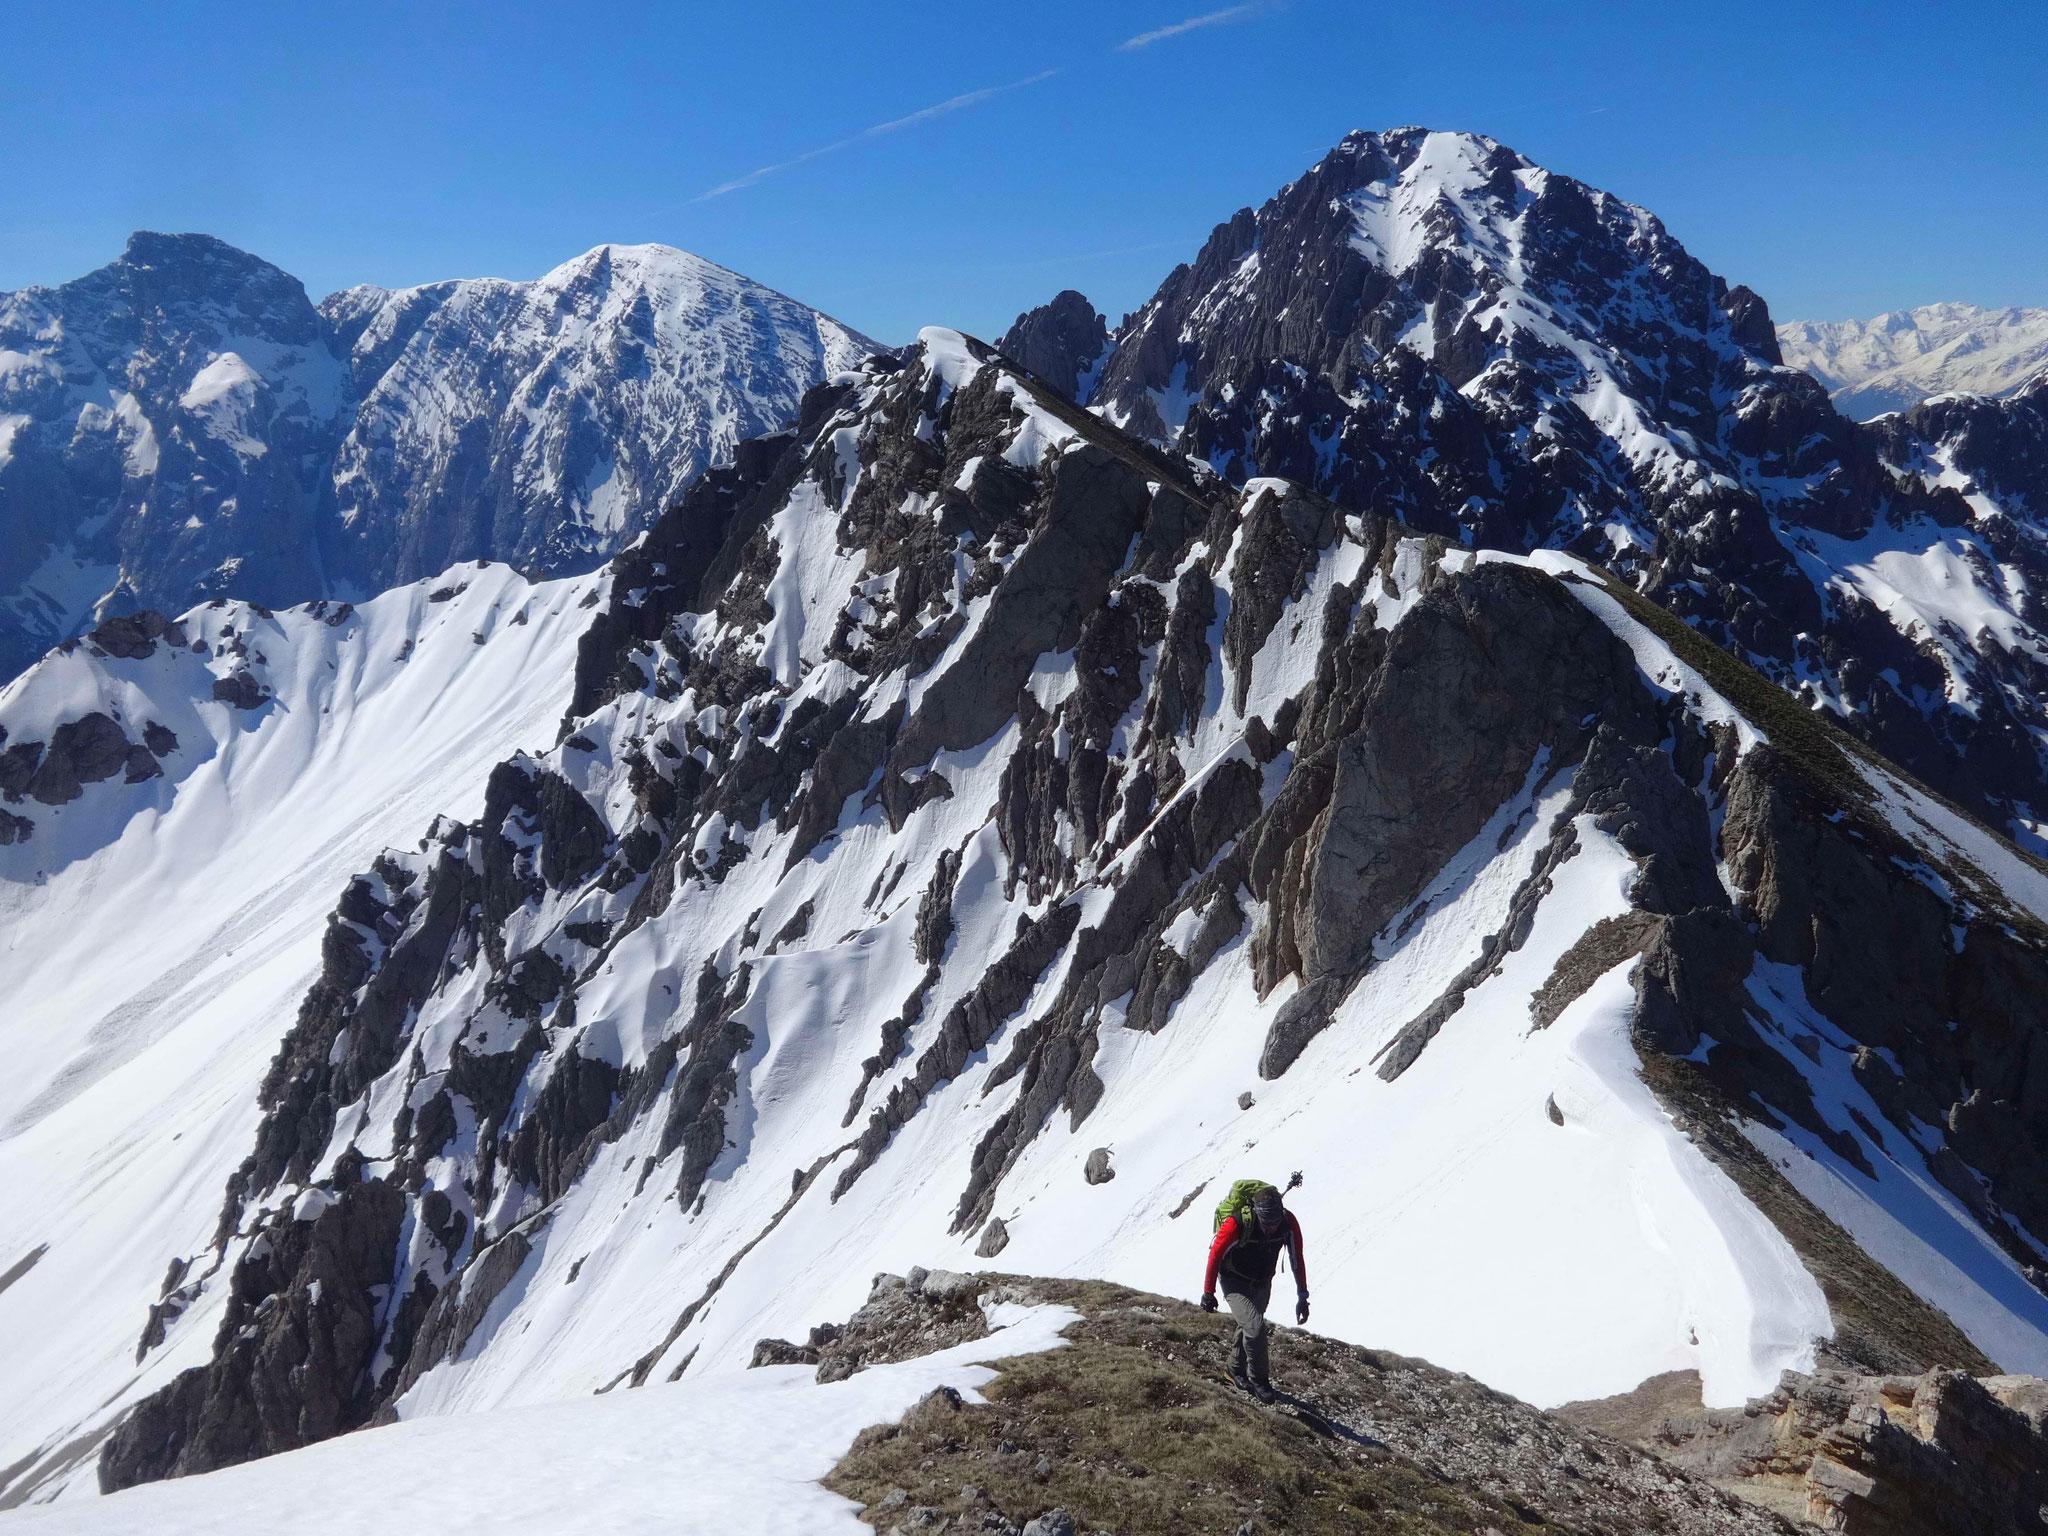 Nach der Felsstufe geht es mit einem herrlichen Panorama (im Hintergrund die Erlspitze) einfach weiter...